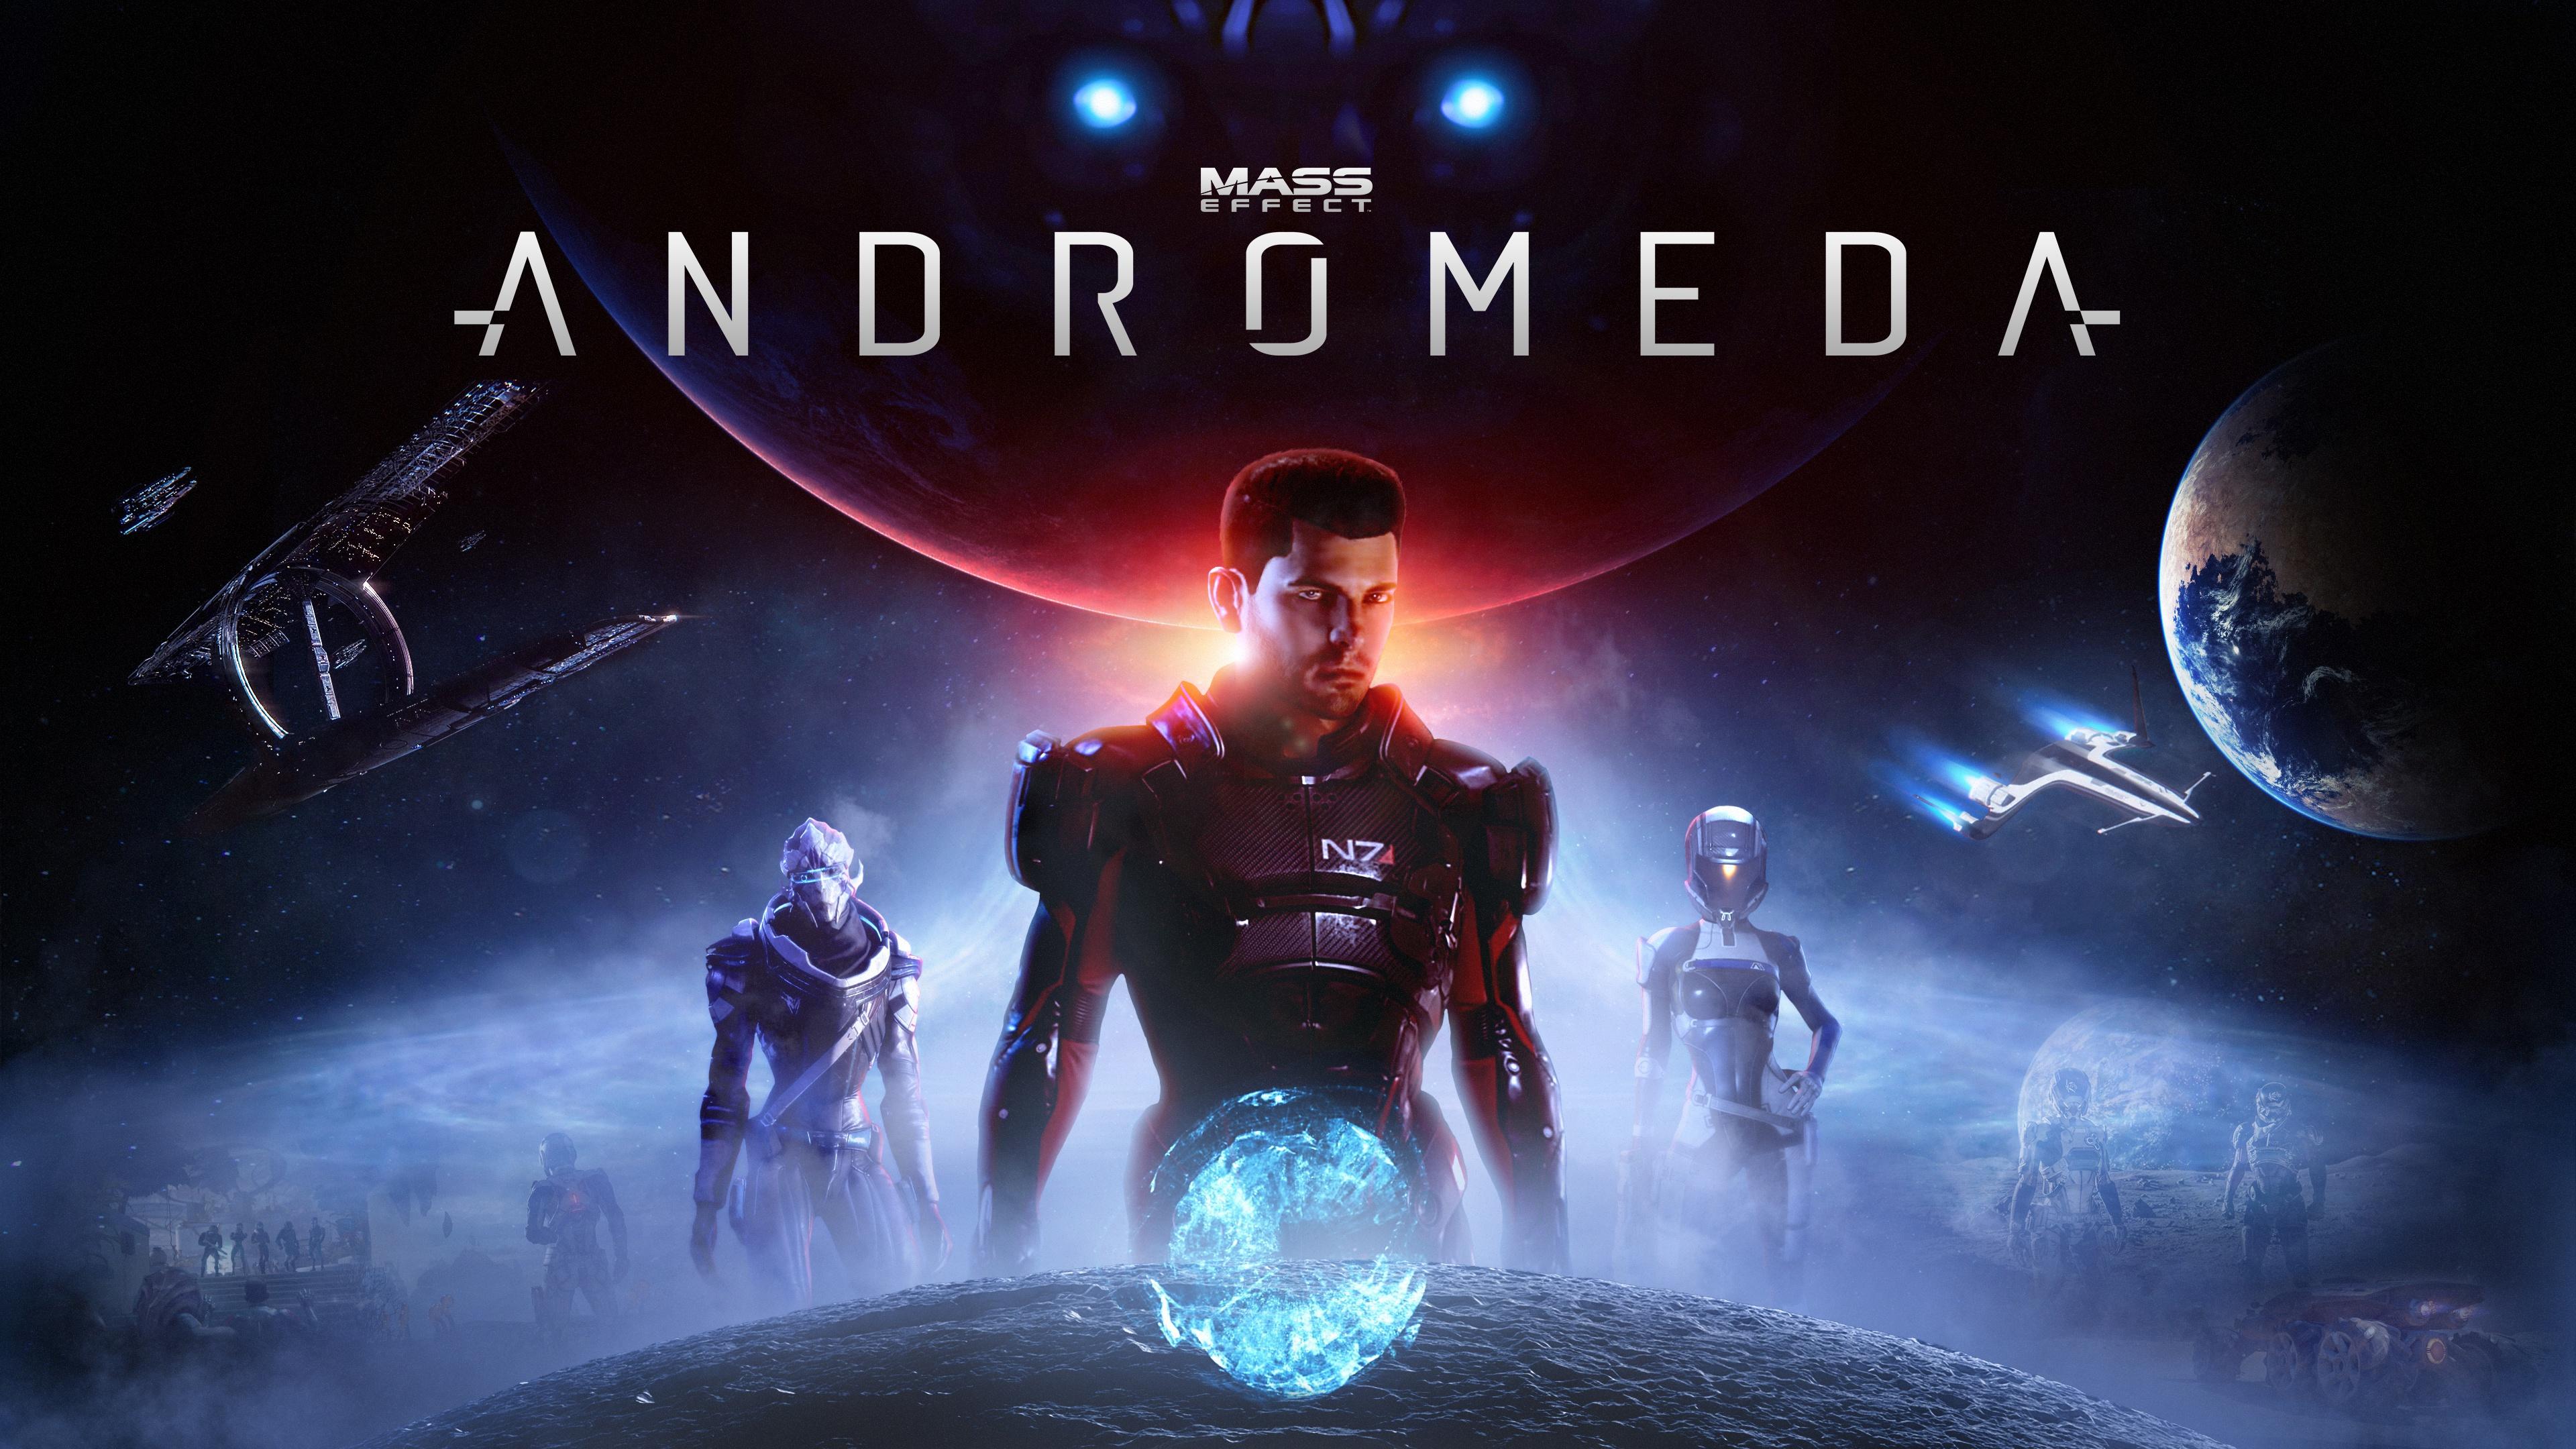 Andromeda Mass Effect Andromeda Vetra 201994 Hd